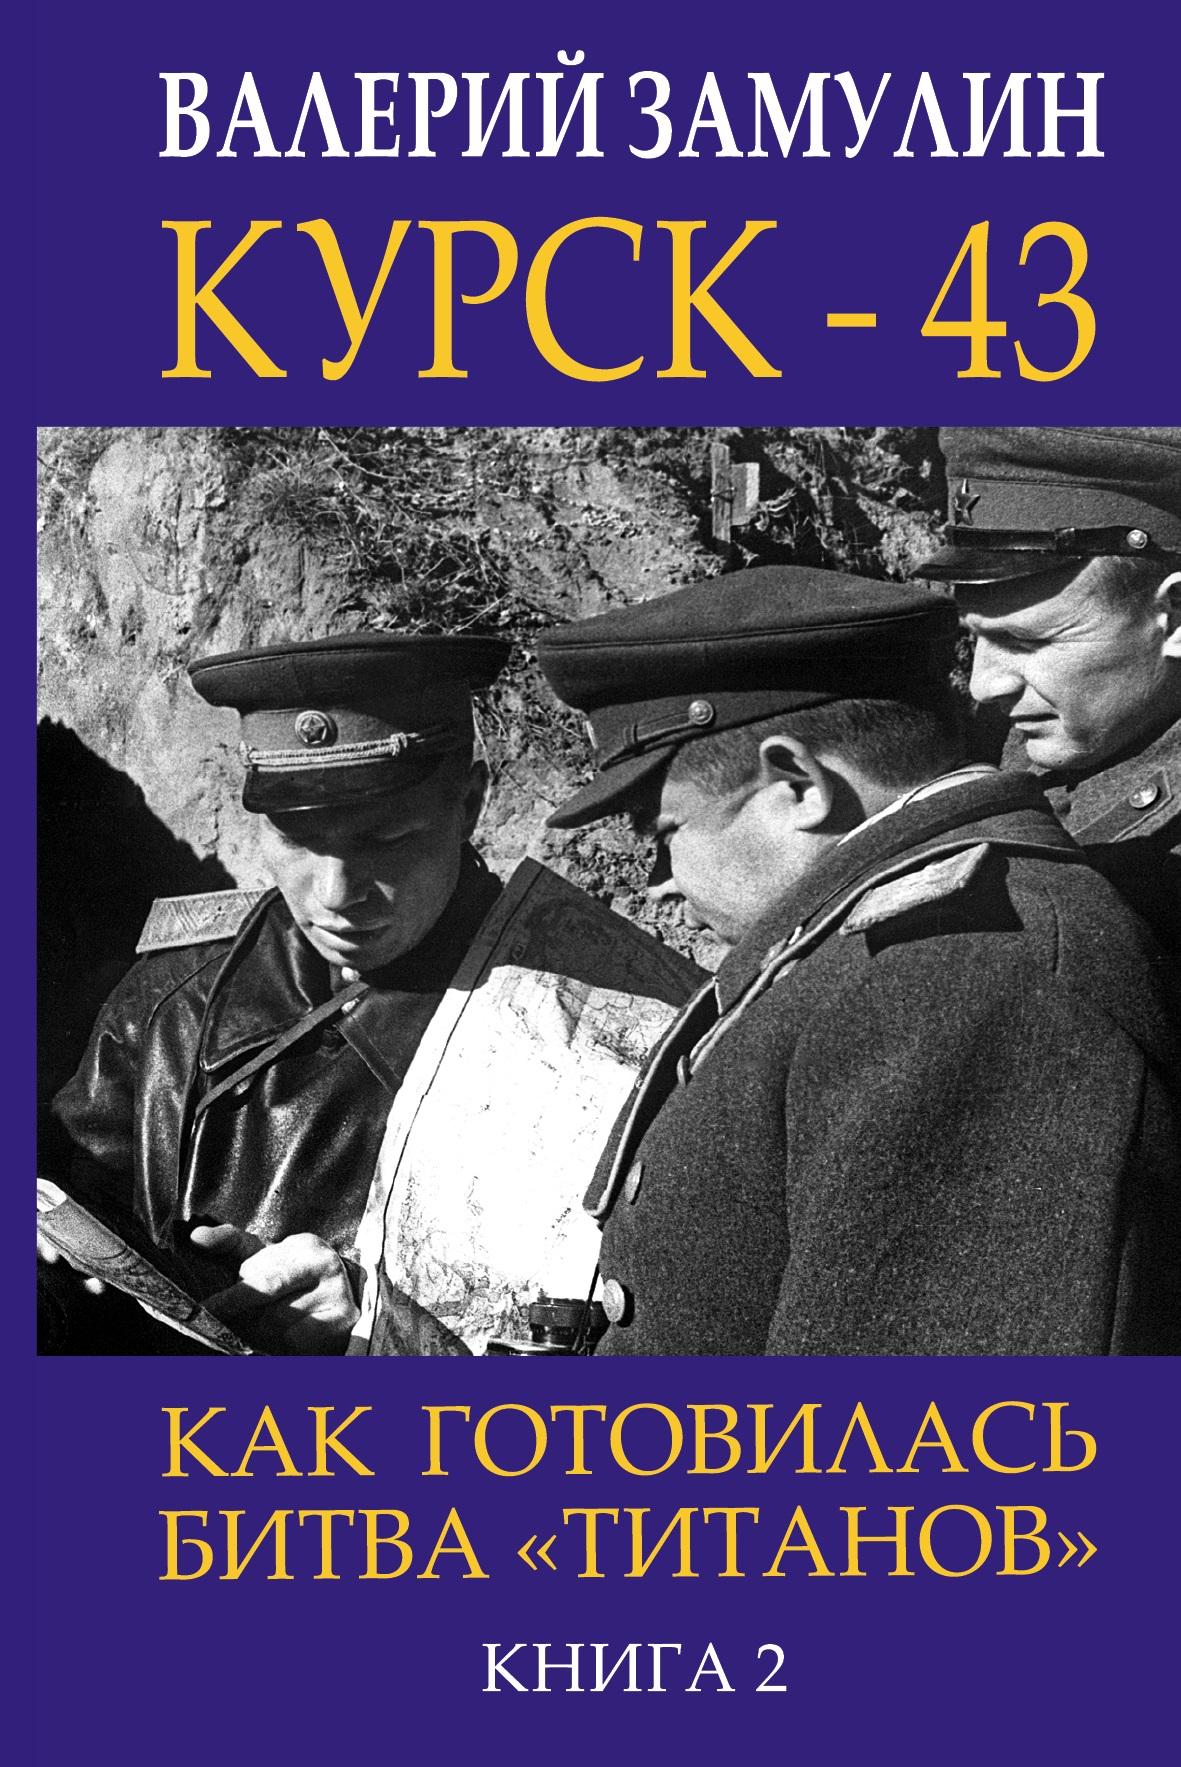 купить Валерий Замулин Курск-43. Как готовилась битва «титанов». Книга 2 по цене 439 рублей